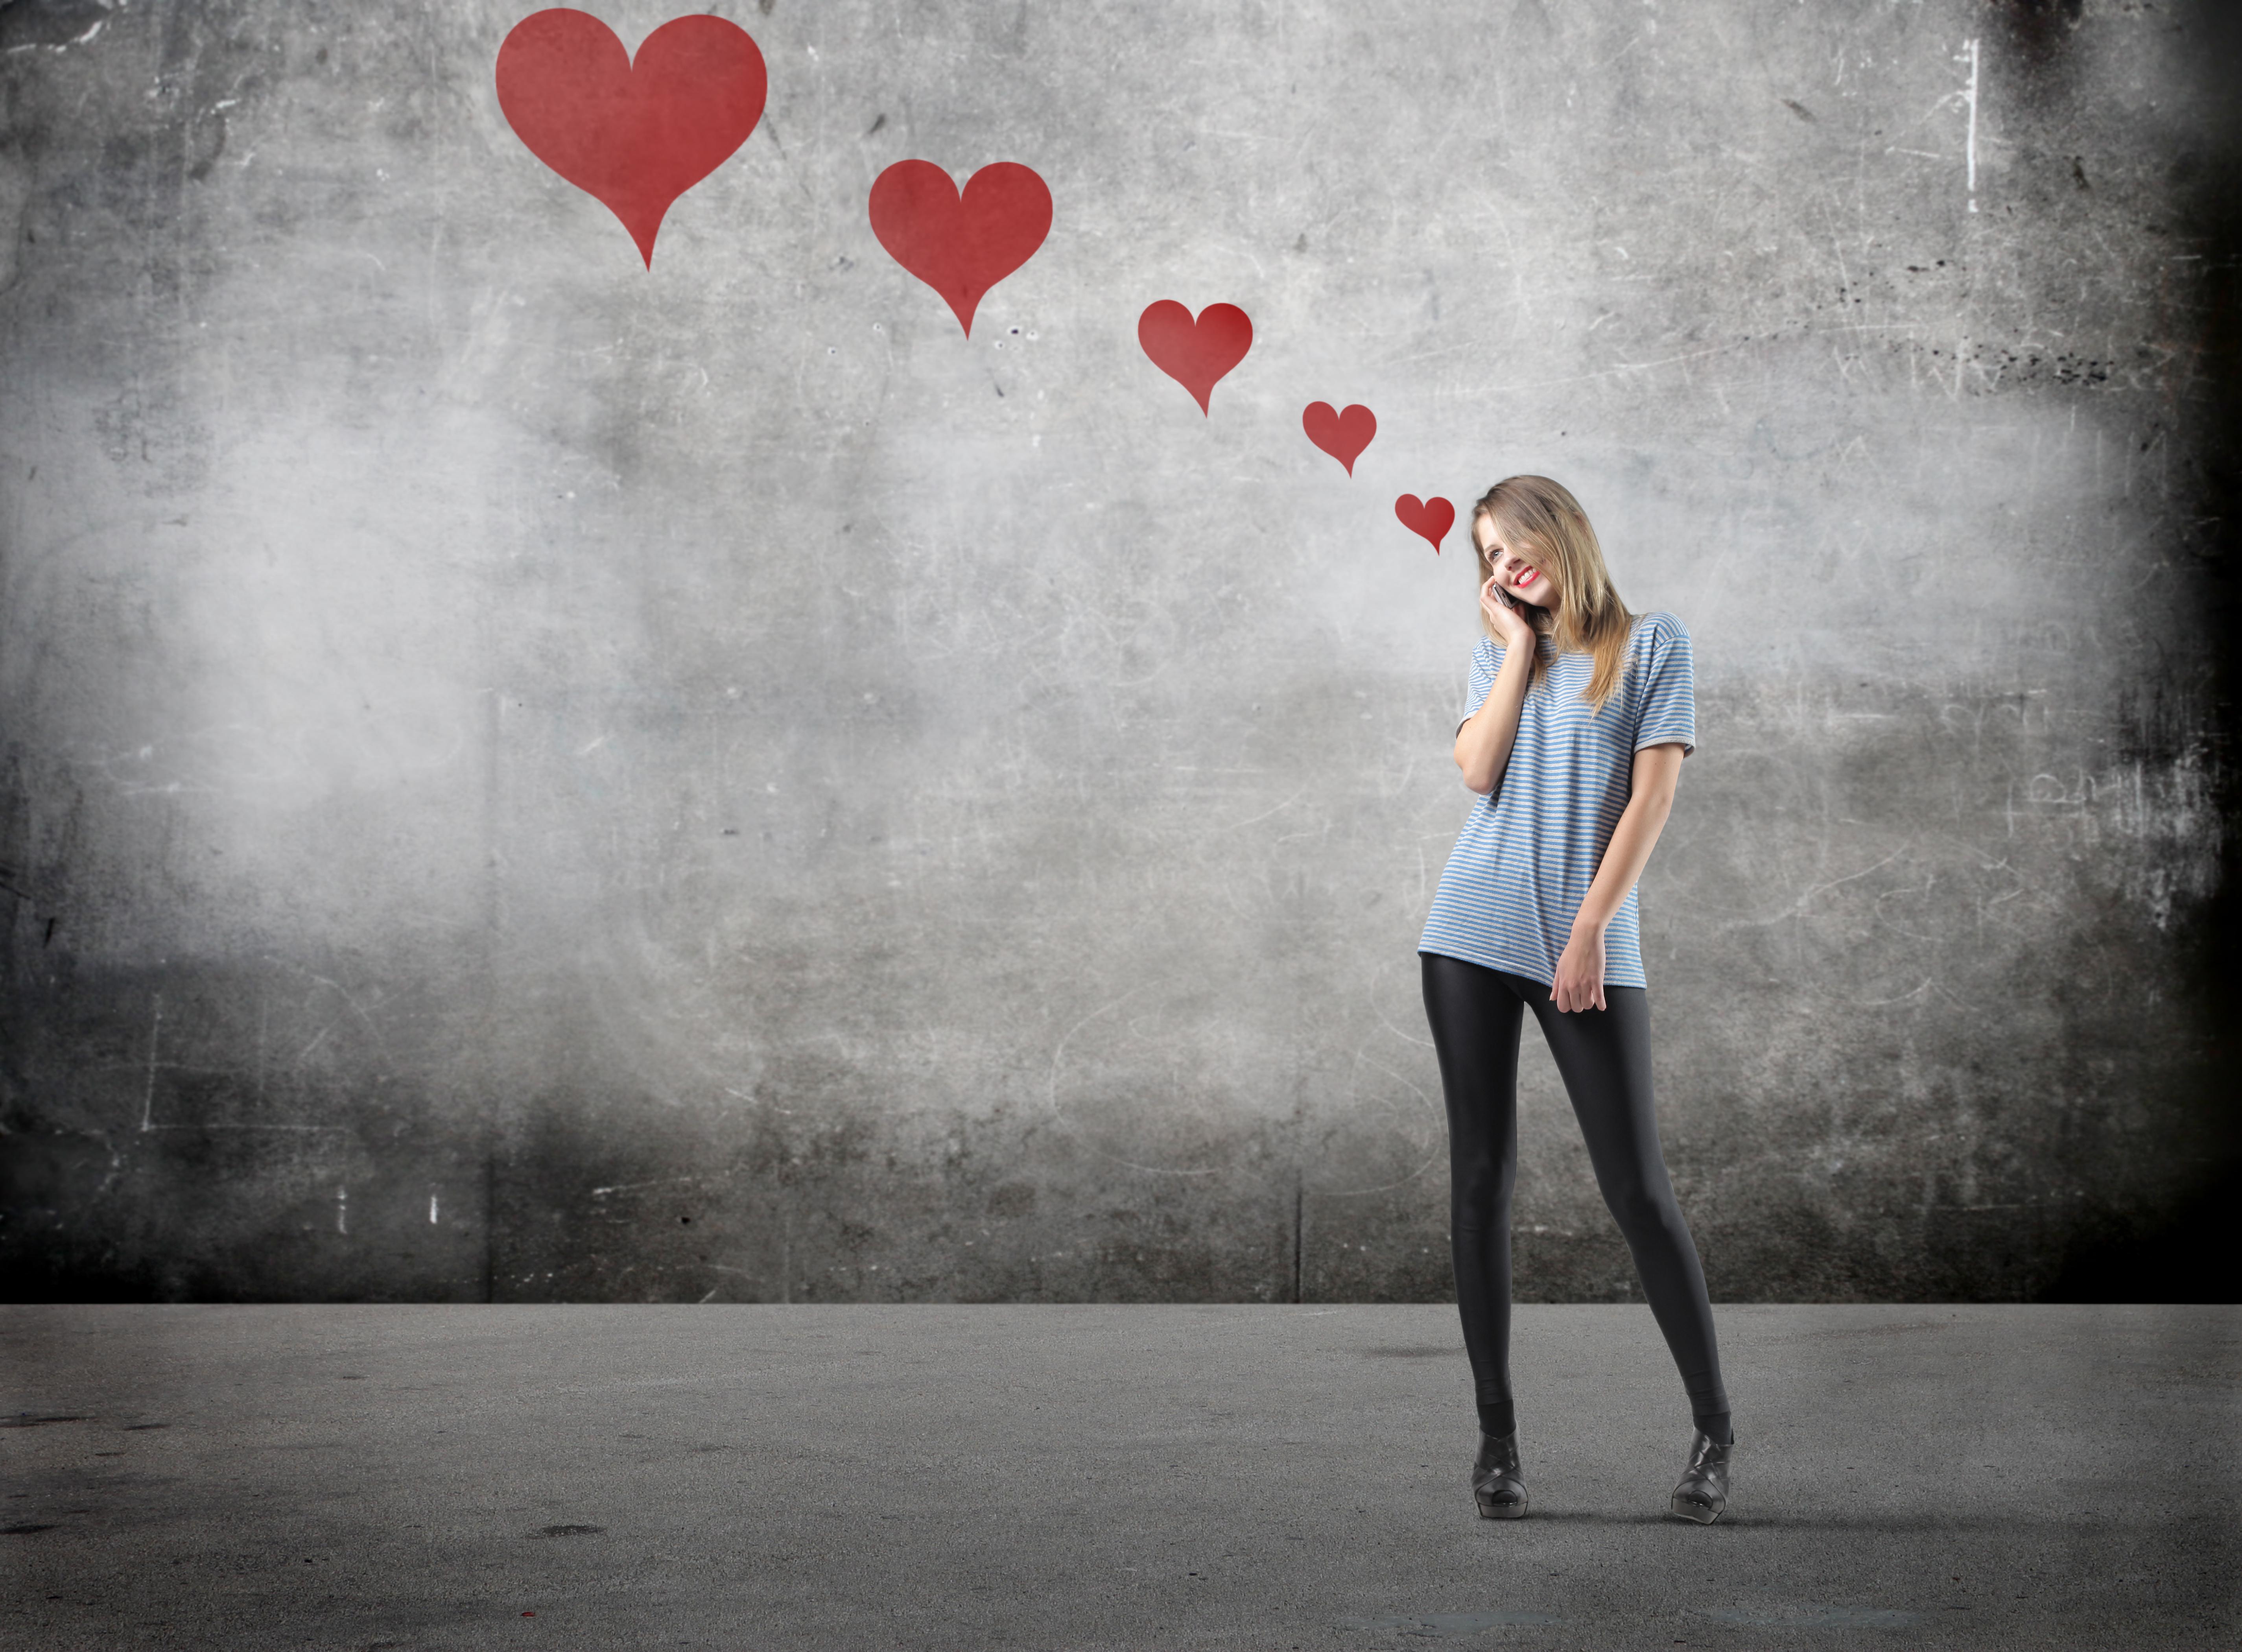 Chętniej fantazjujemy o osobach z naszego bliskiego otoczenia, ranga stanowiska nie wpływają znacząco na nasze romantyczne fantazje i nie zwiększa atrakcyjności obiektu naszych uczuć. (Fot. Fotolia)